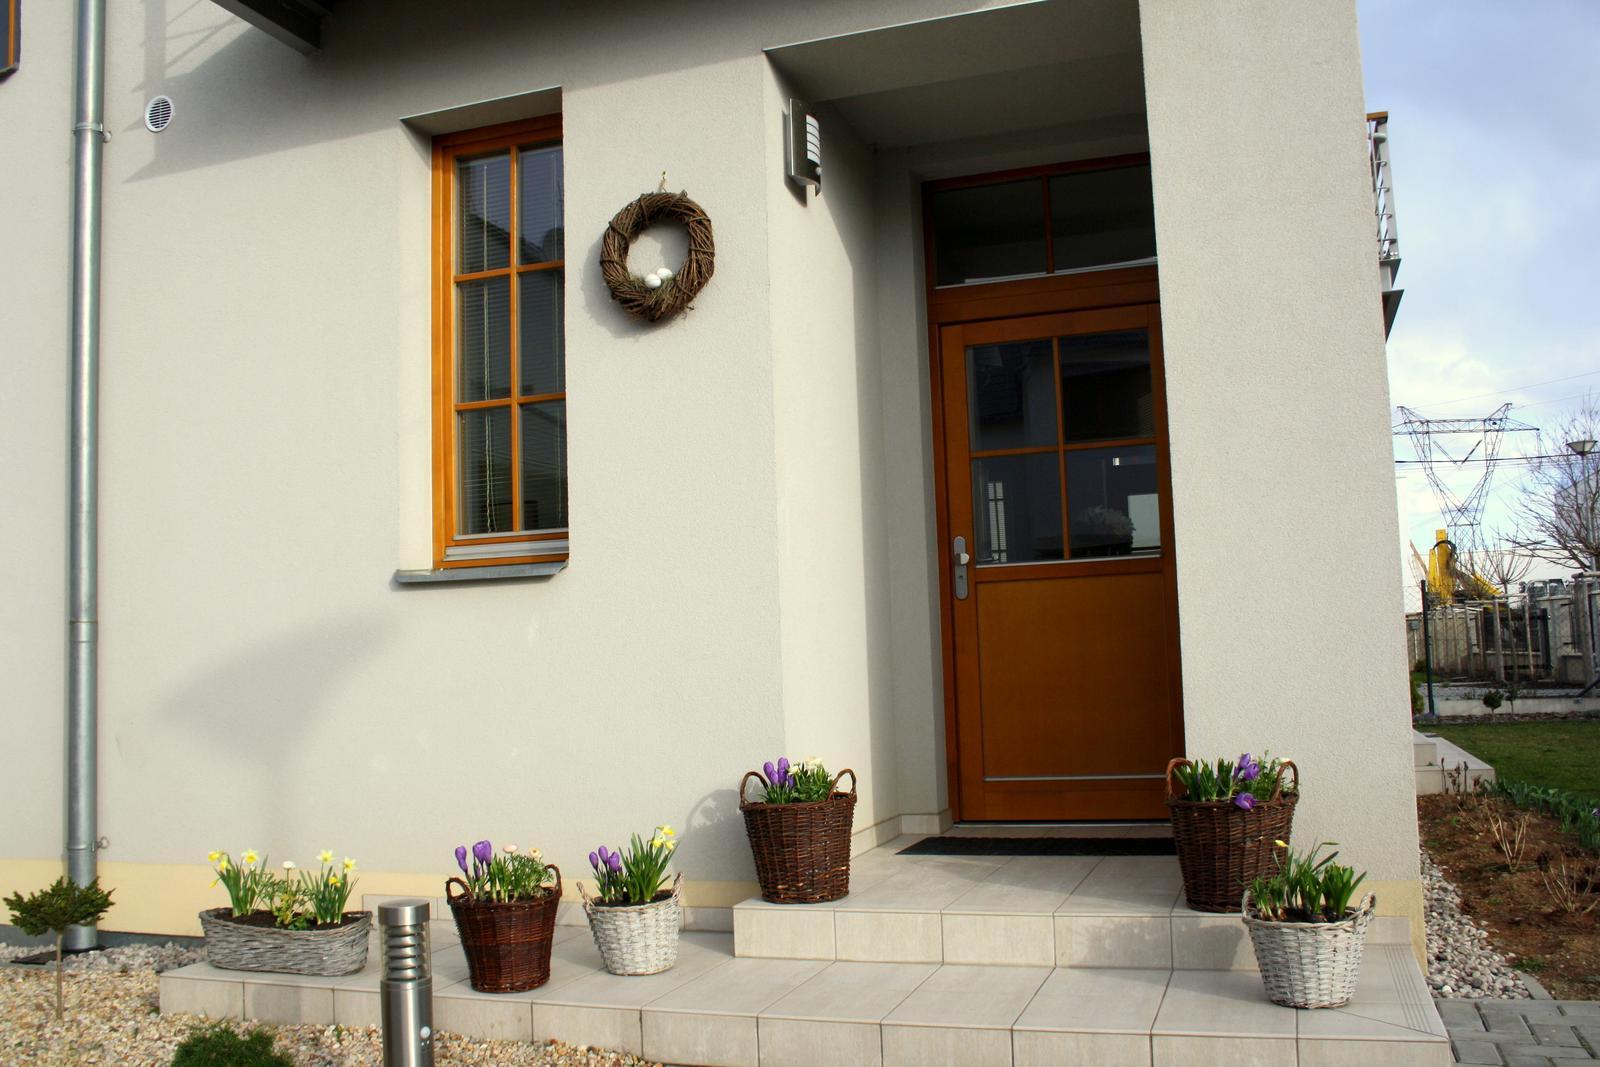 Jarne a letne aranzmany a dekoracie - Vchod - kose s jarnymi cibulovinami a jednoduchy vencek s hniezdom a vajickami